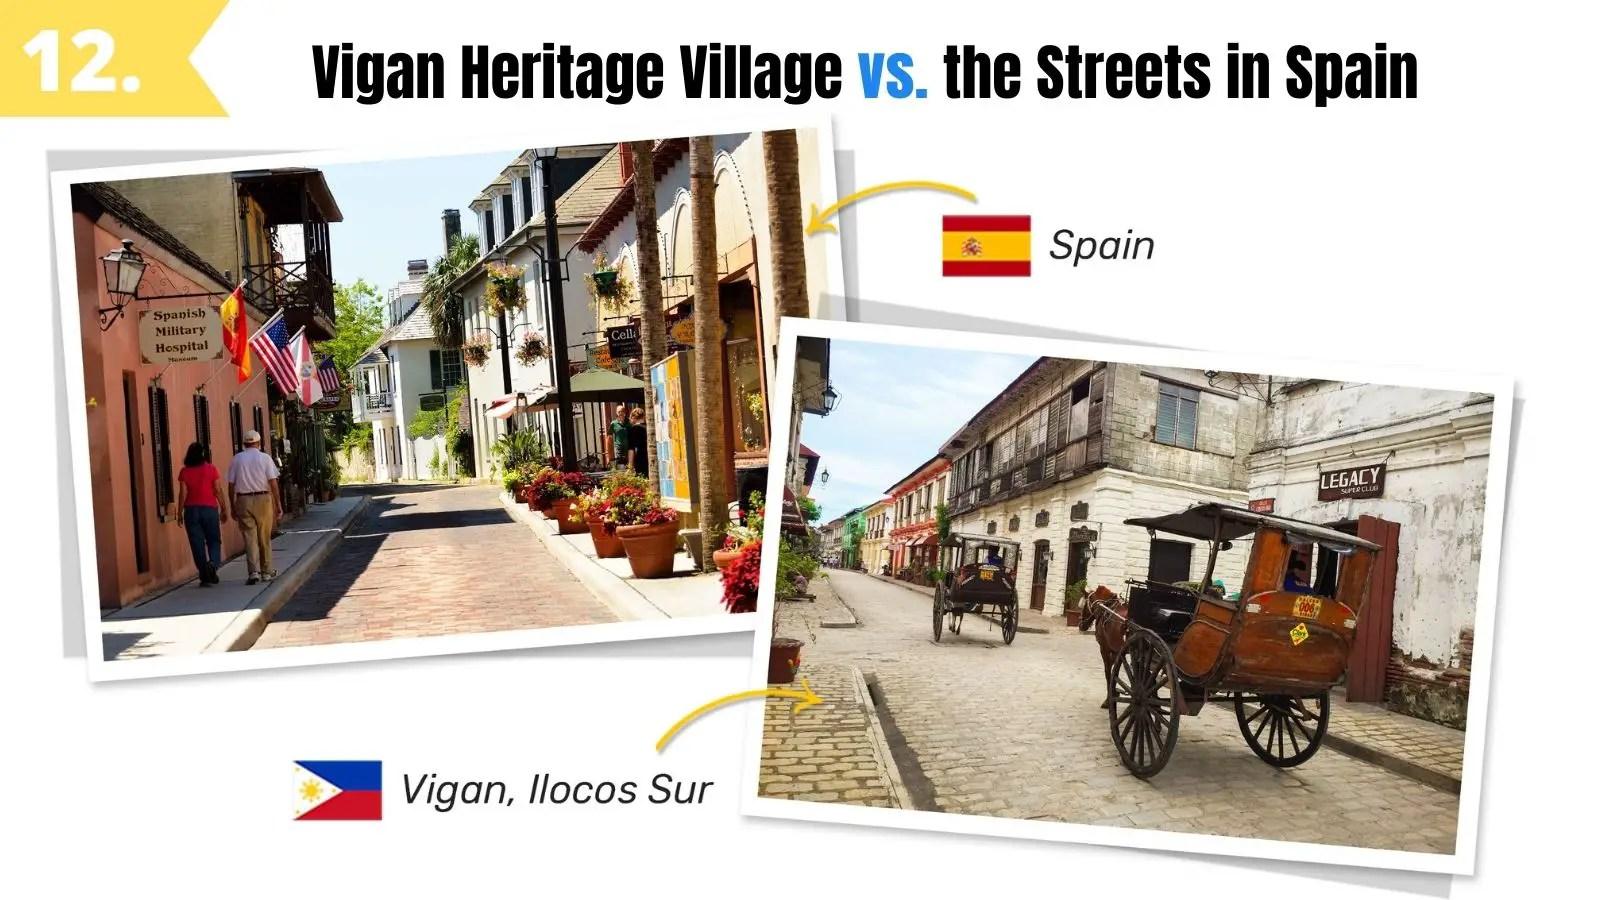 vigan heritage village vs streets of old spain